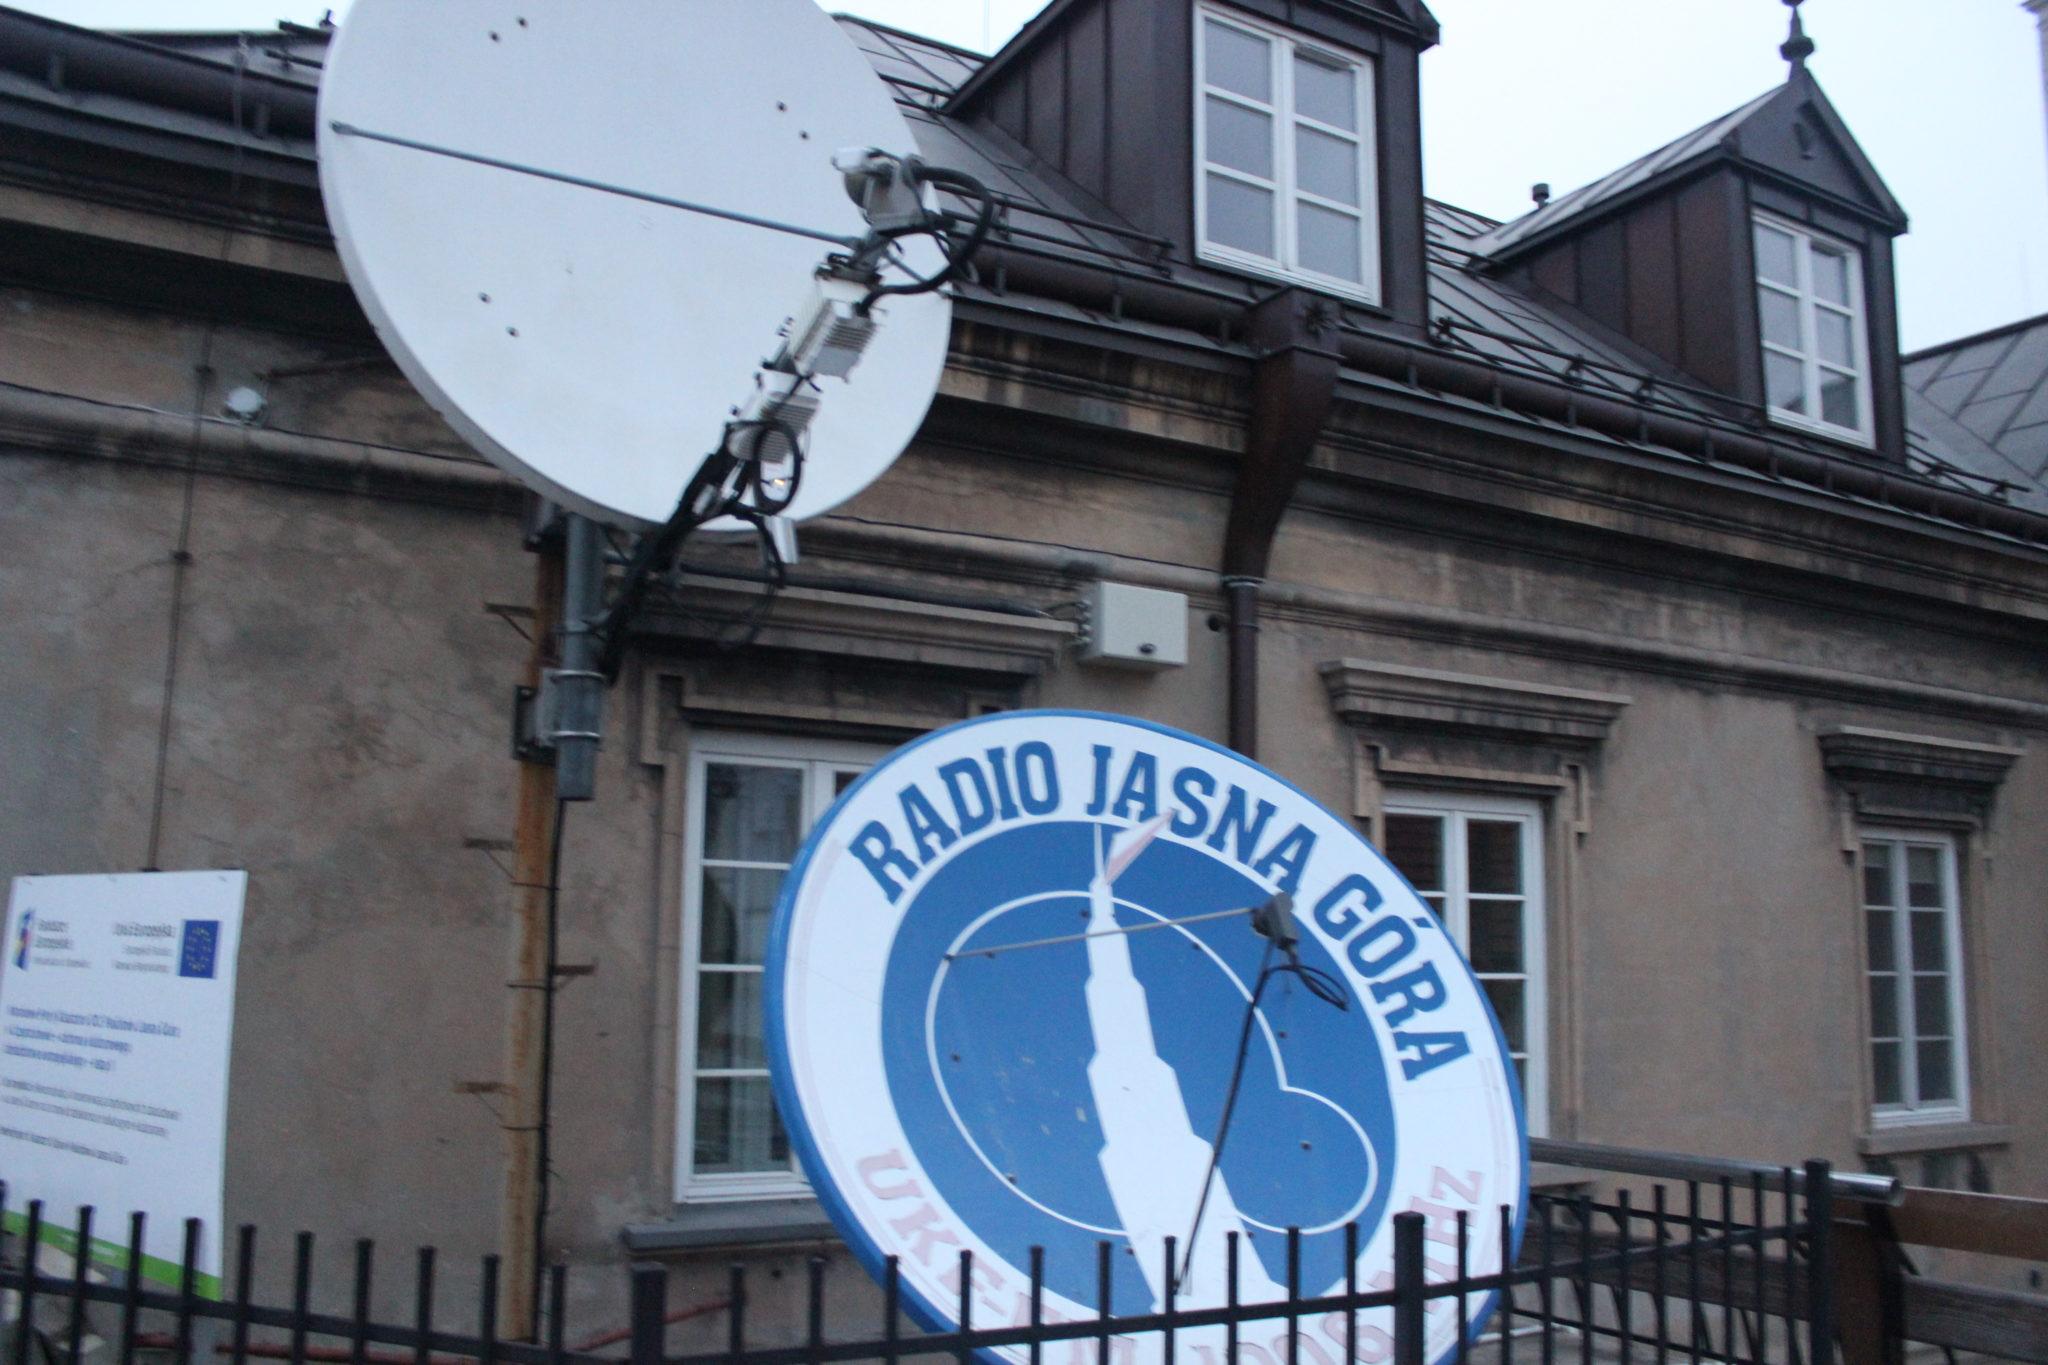 Radio Jasna Góra Częstochowa misyjne